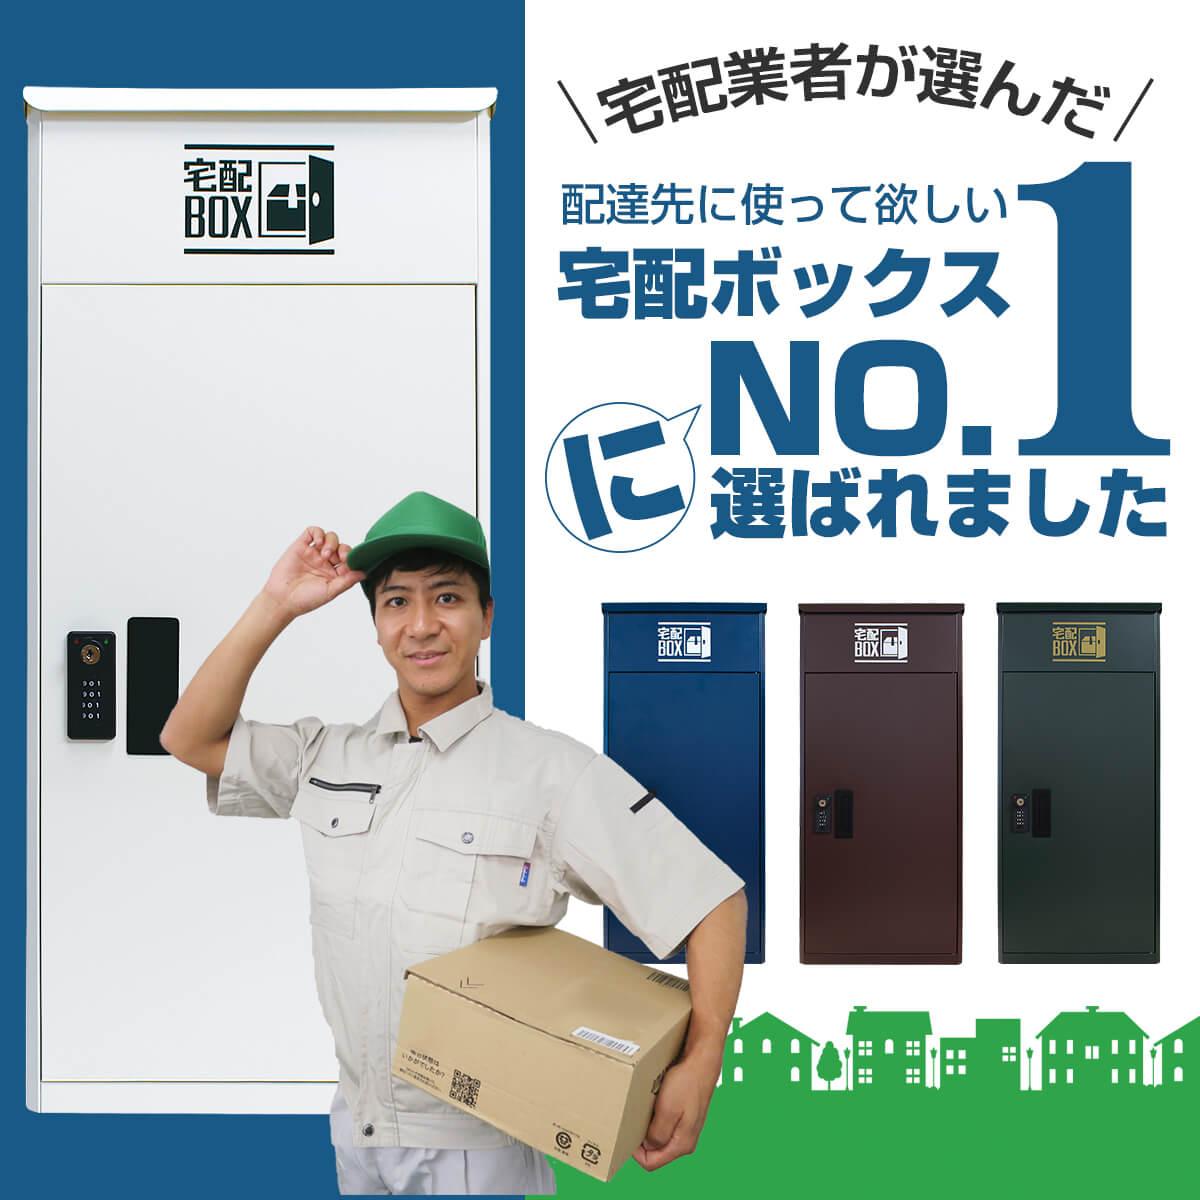 宅配業者No.1